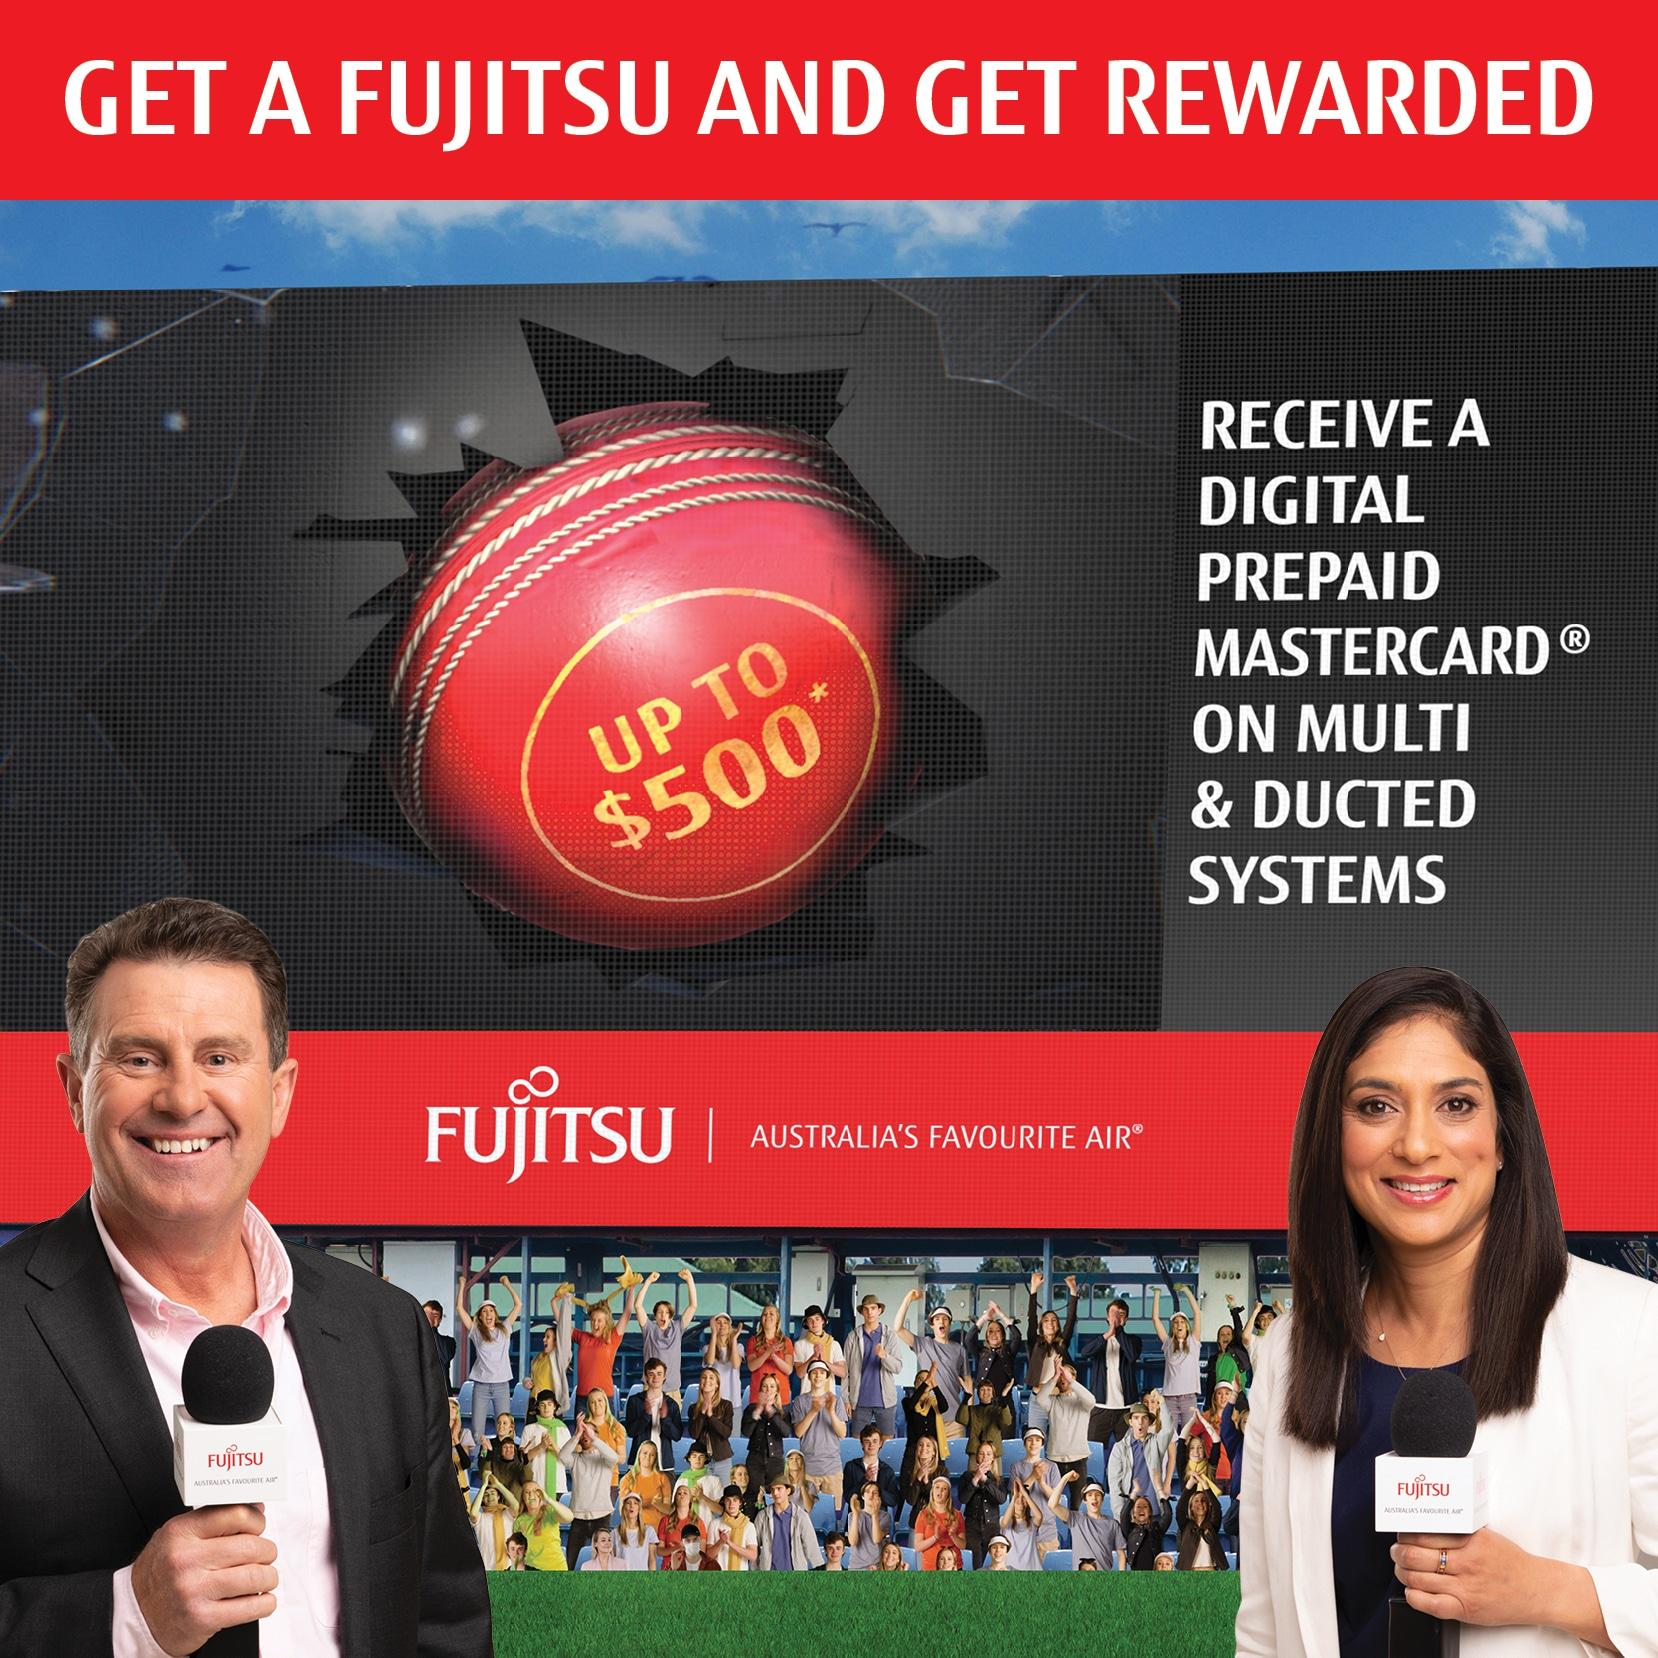 Get a Fujitsu and get rewarded